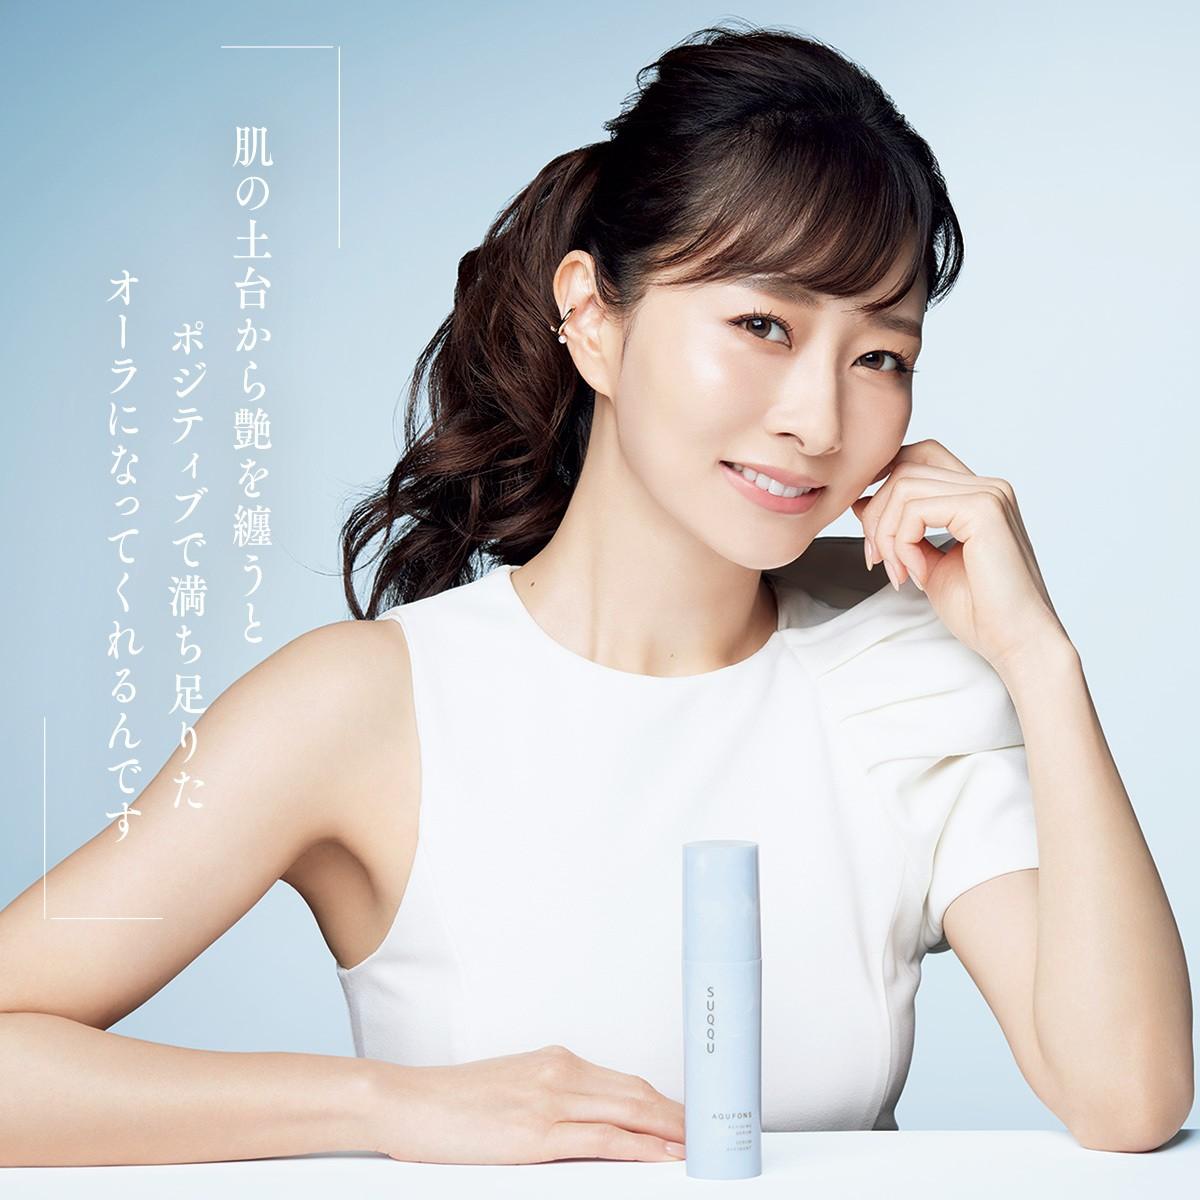 美容家 石井美保×SUQQU 澄み透る艶肌の美学「なぜ、艶にこだわり続けるのか」_1